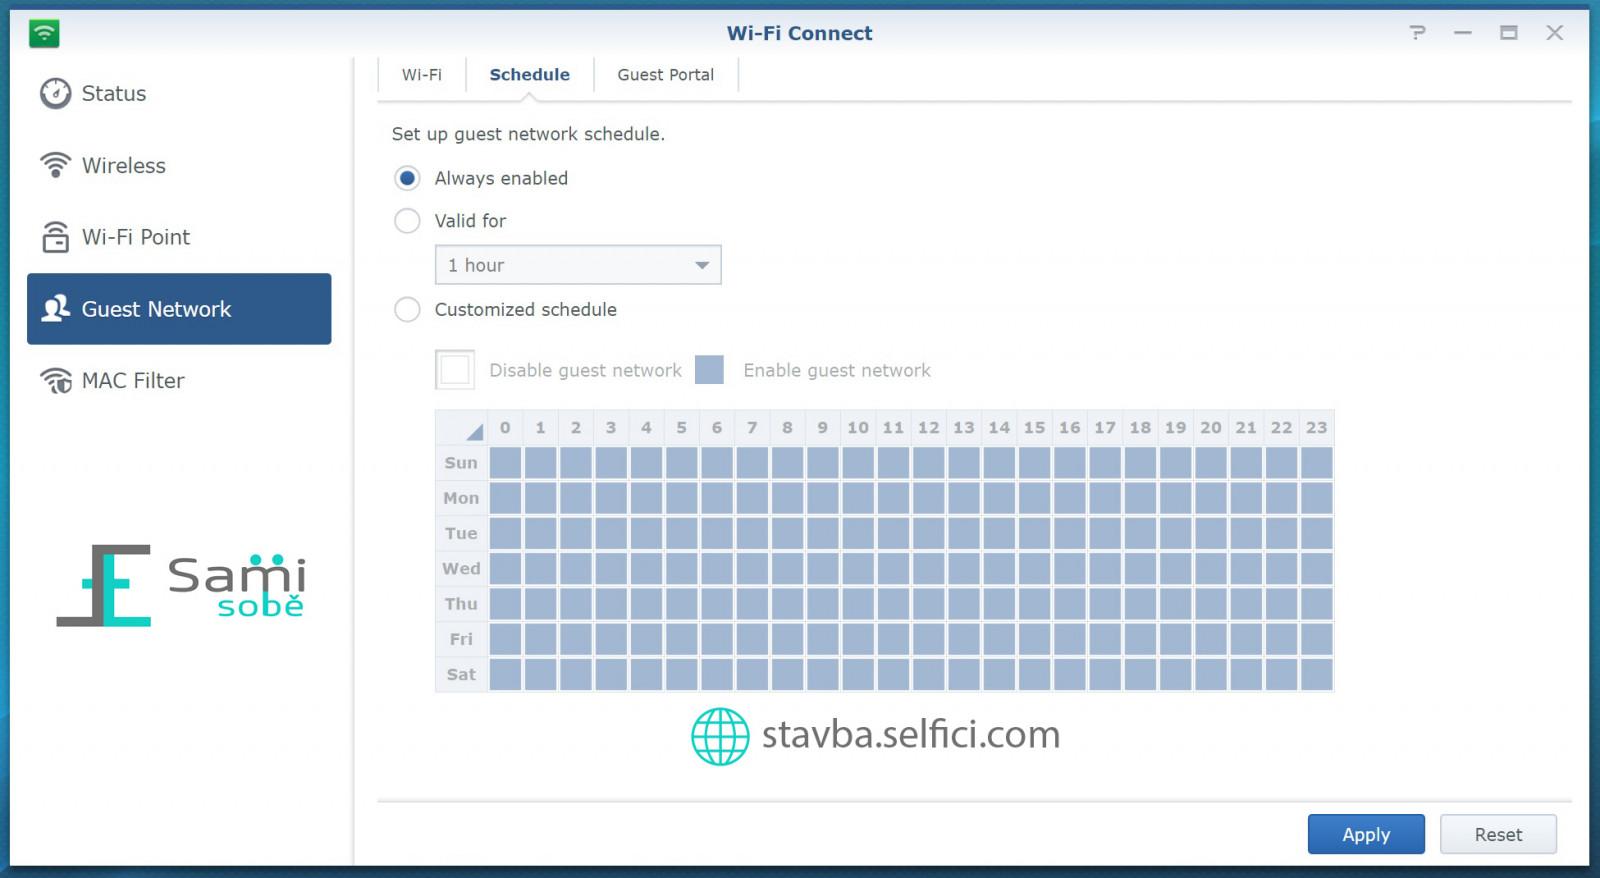 Plánování WiFi pro hosty na Synology RT2600ac